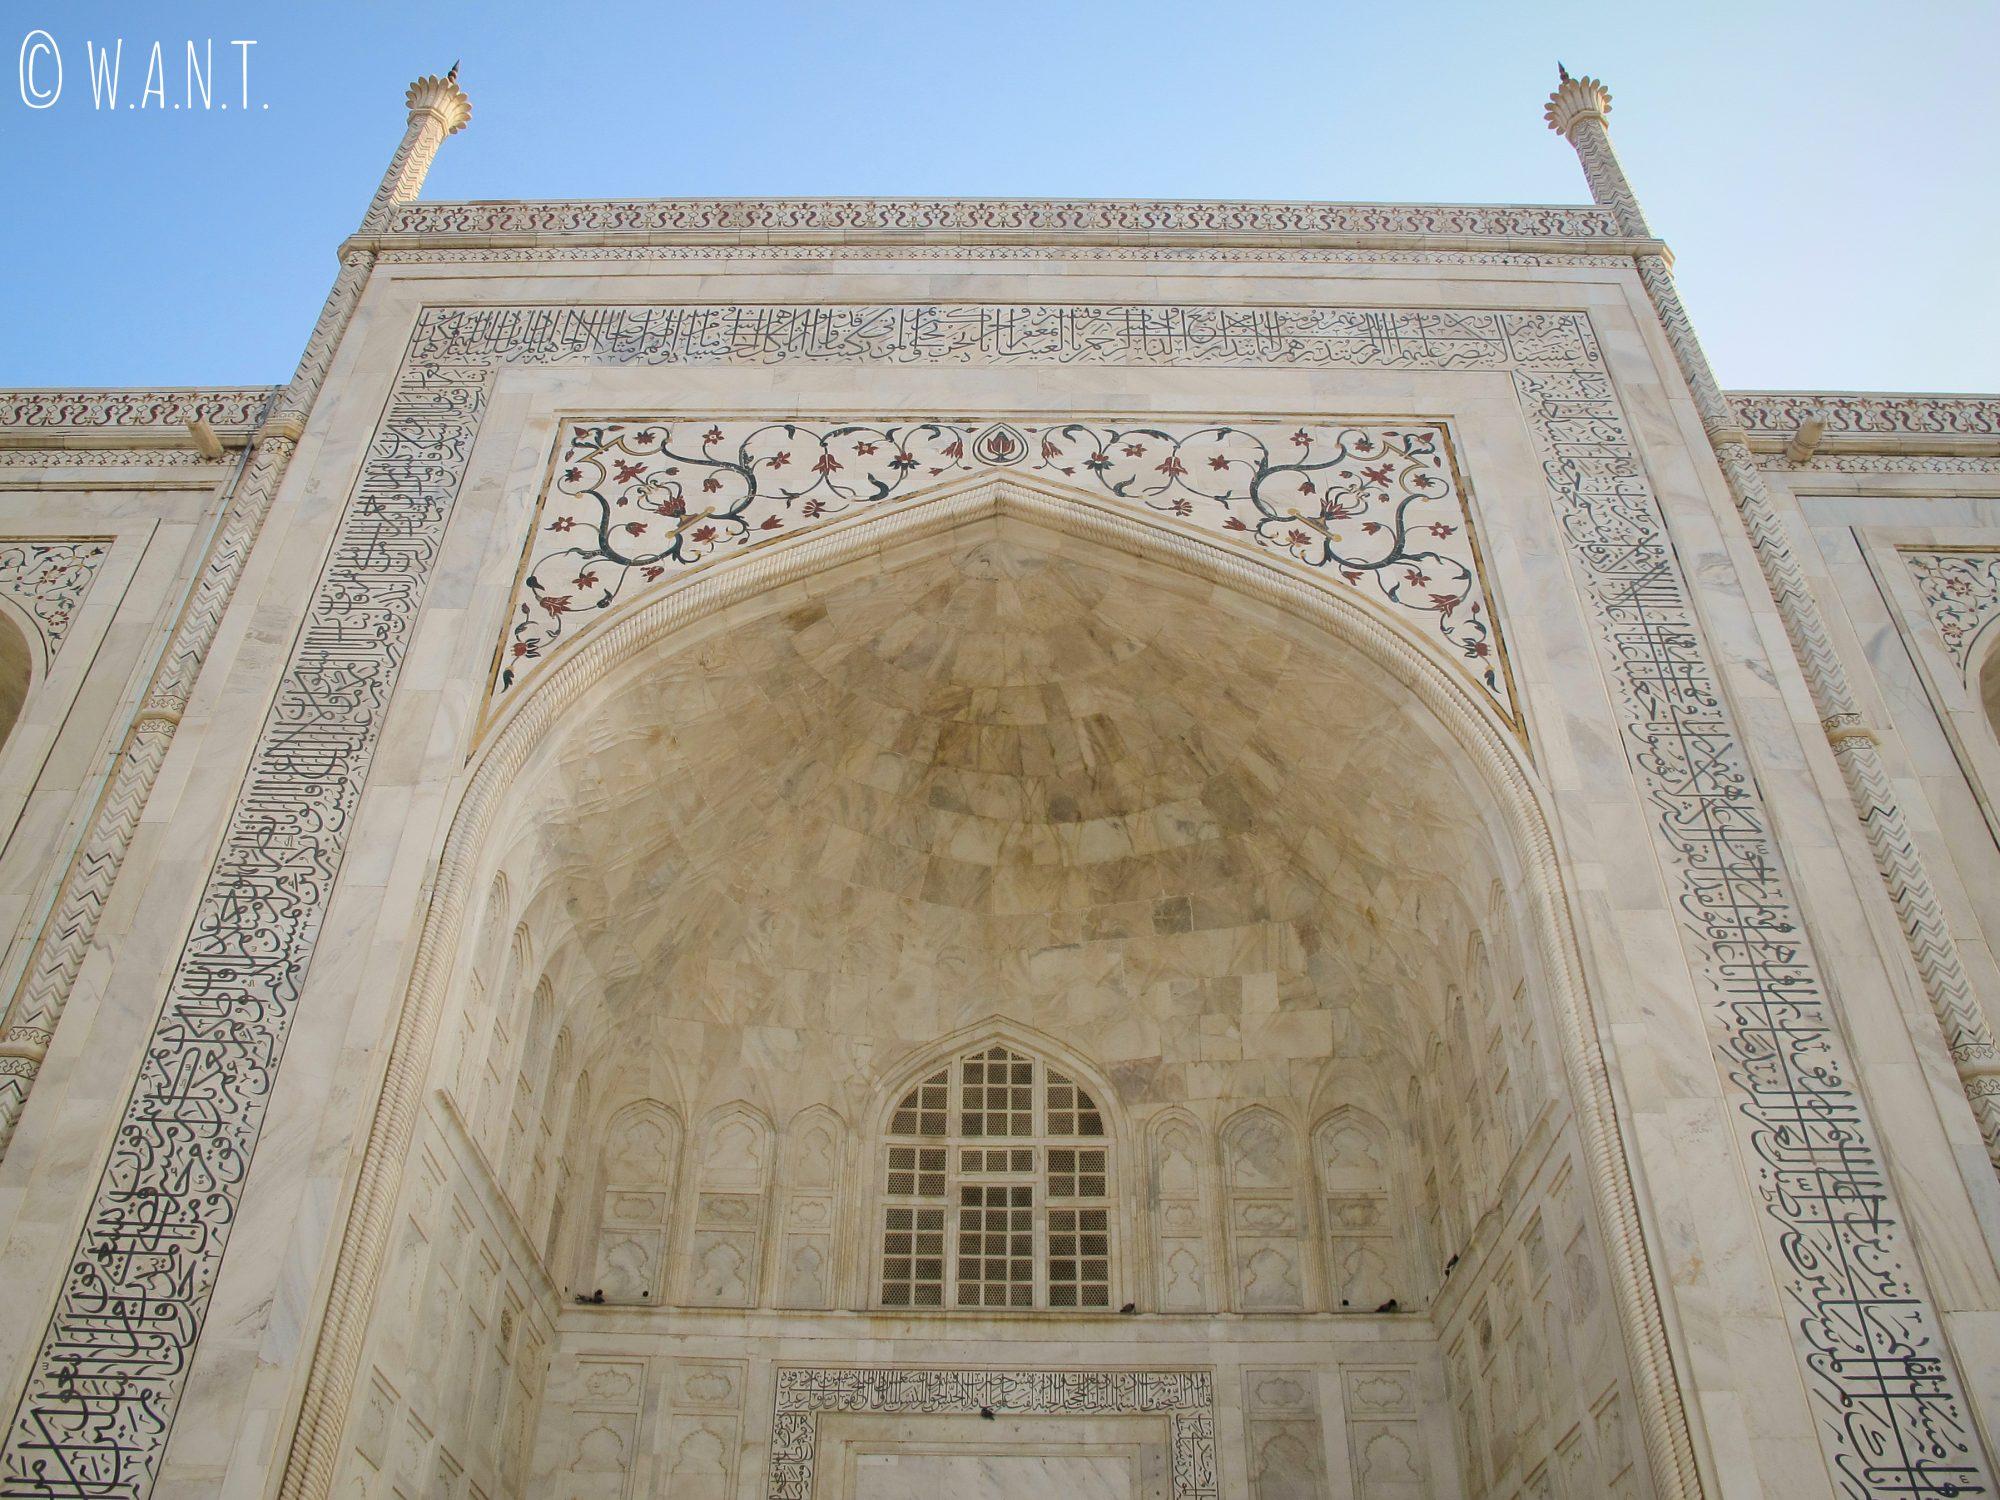 Perspective en contrebas du Taj Mahal depuis la plateforme de marbre